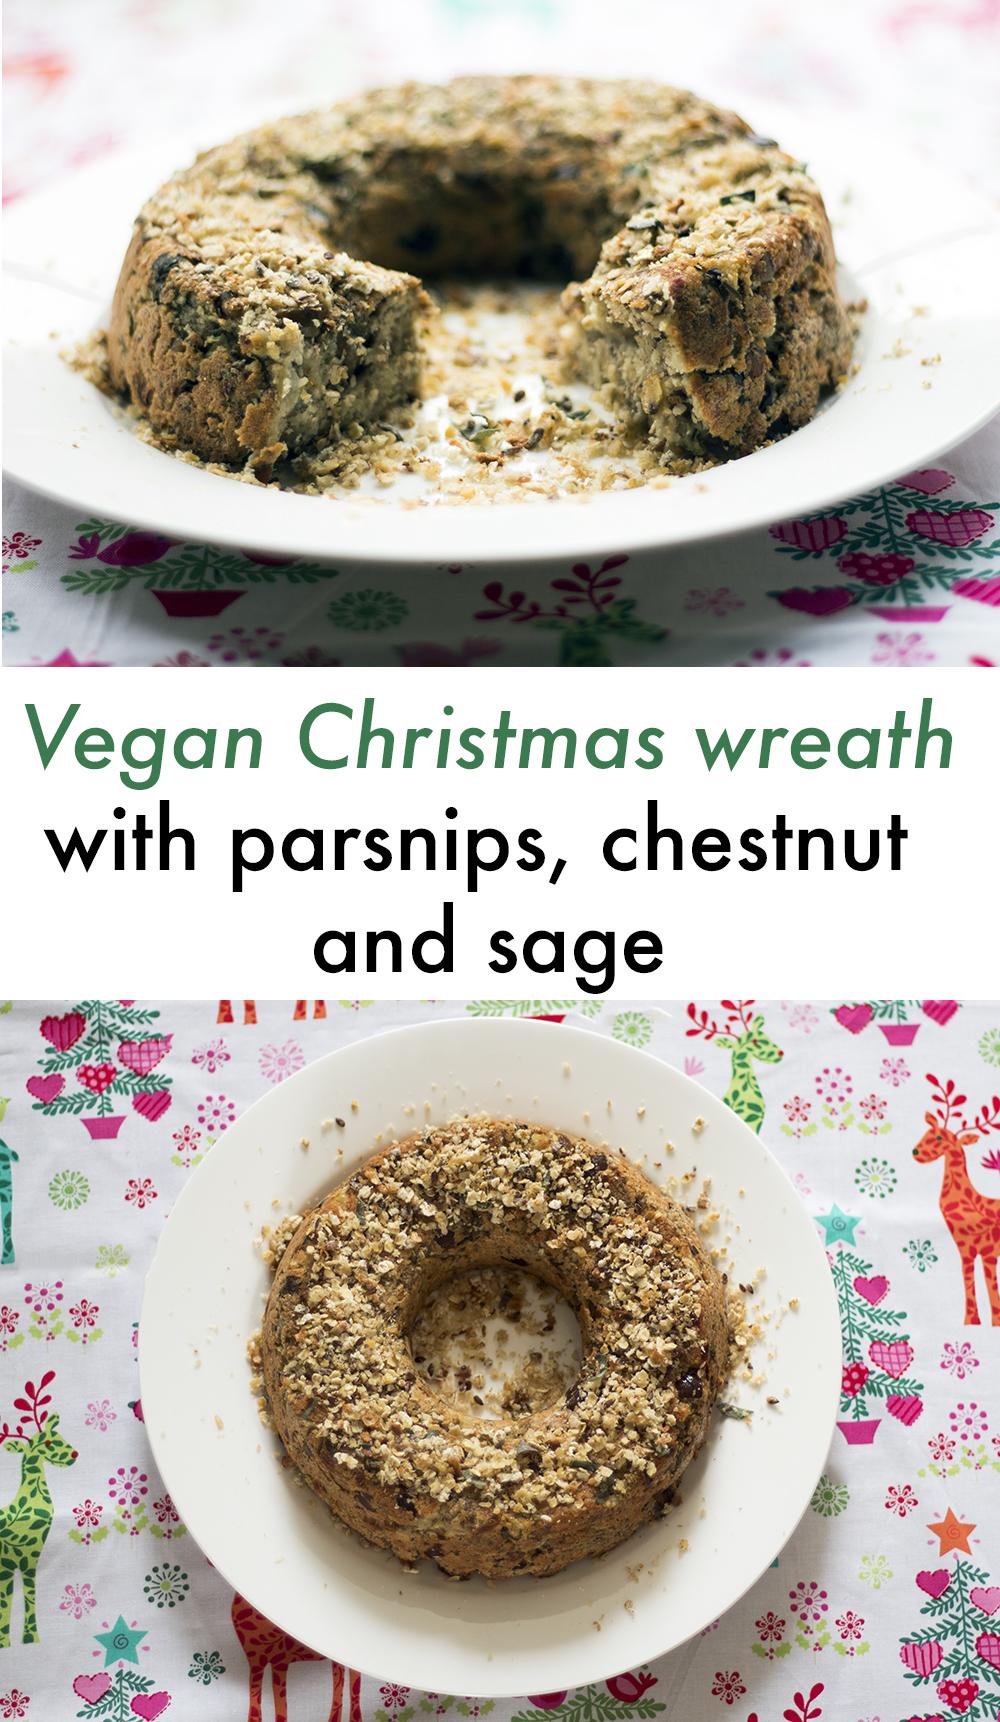 Parsnip-chestnut-sage-wreath-vegan-recipe